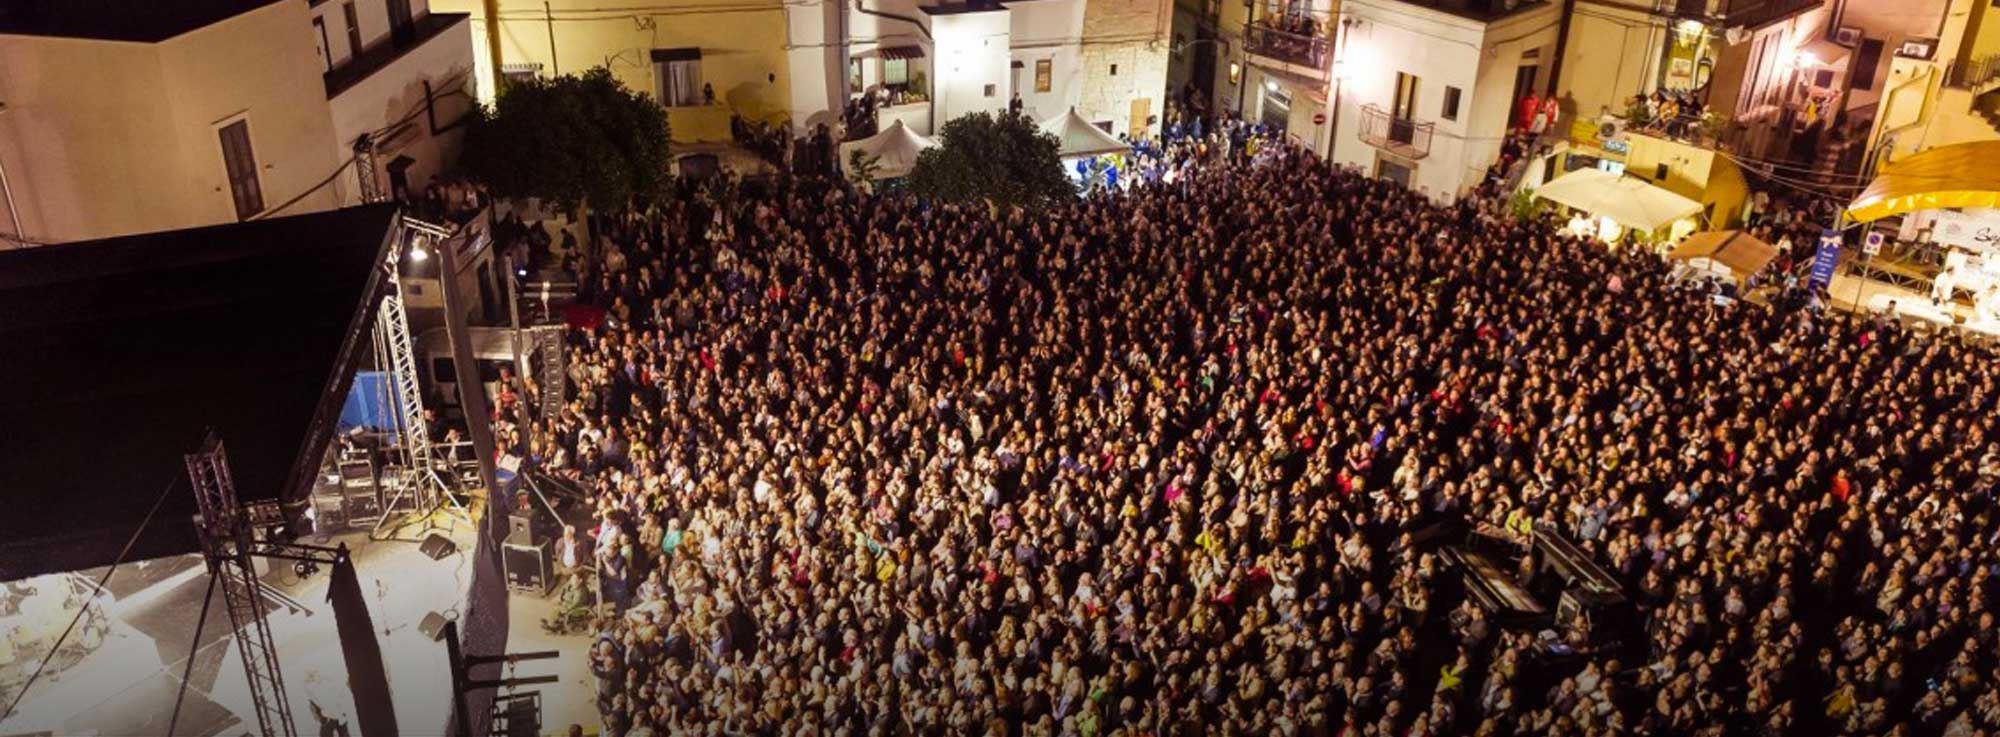 Sannicandro di Bari: Sagra delle Olive